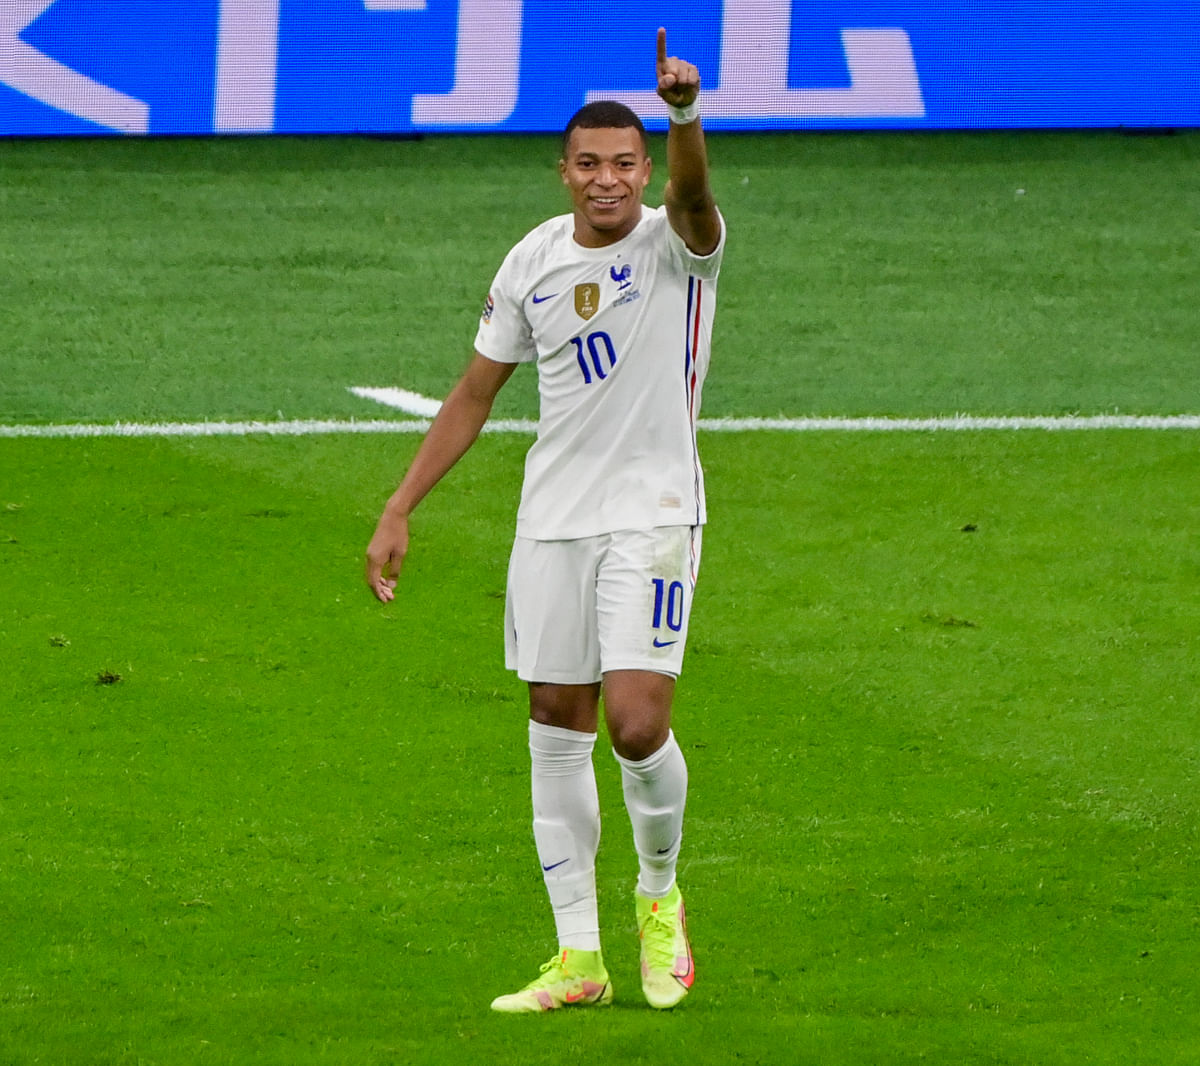 கிலியன் எம்பாப்பே - பிரான்ஸ்- Nations League